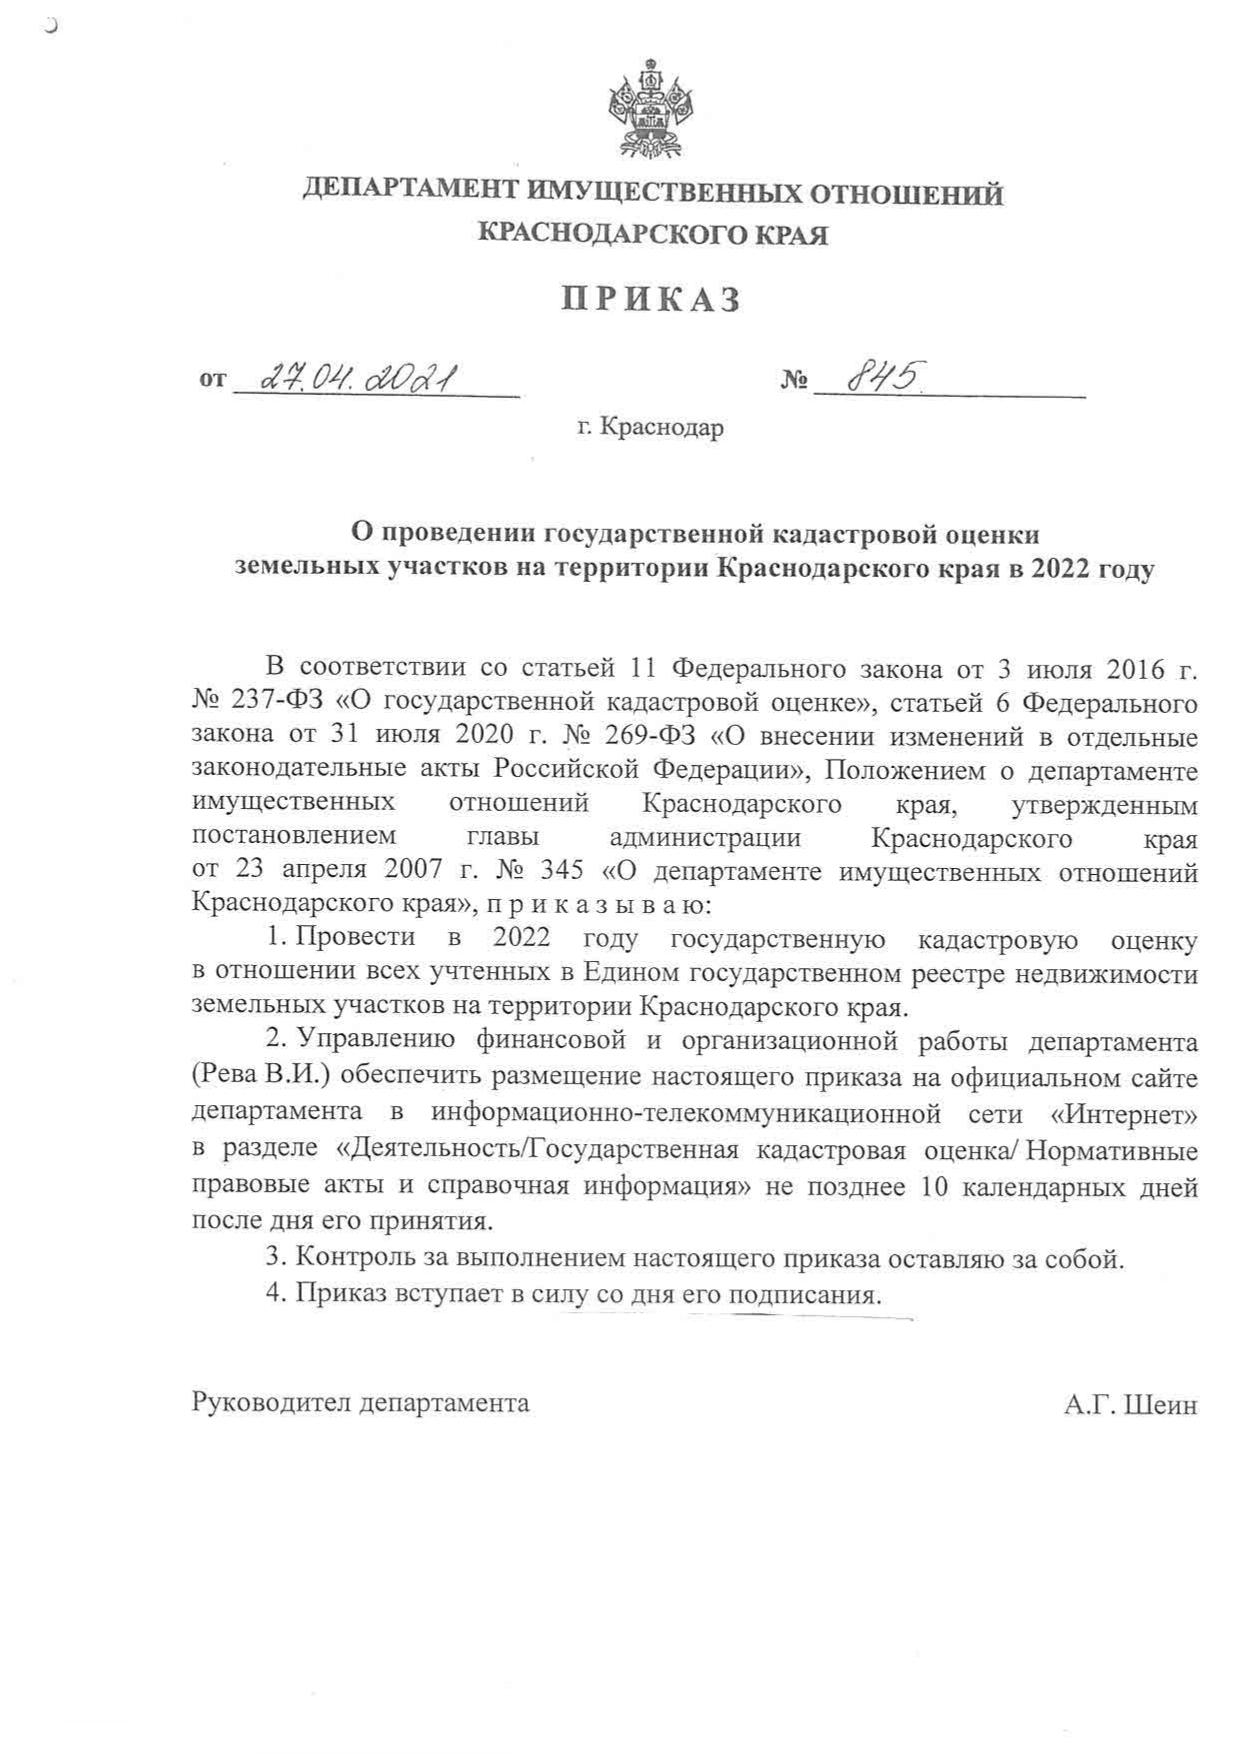 О проведении государственной кадастровой оценки земельных участков на территории Краснодарского края в 2022 году